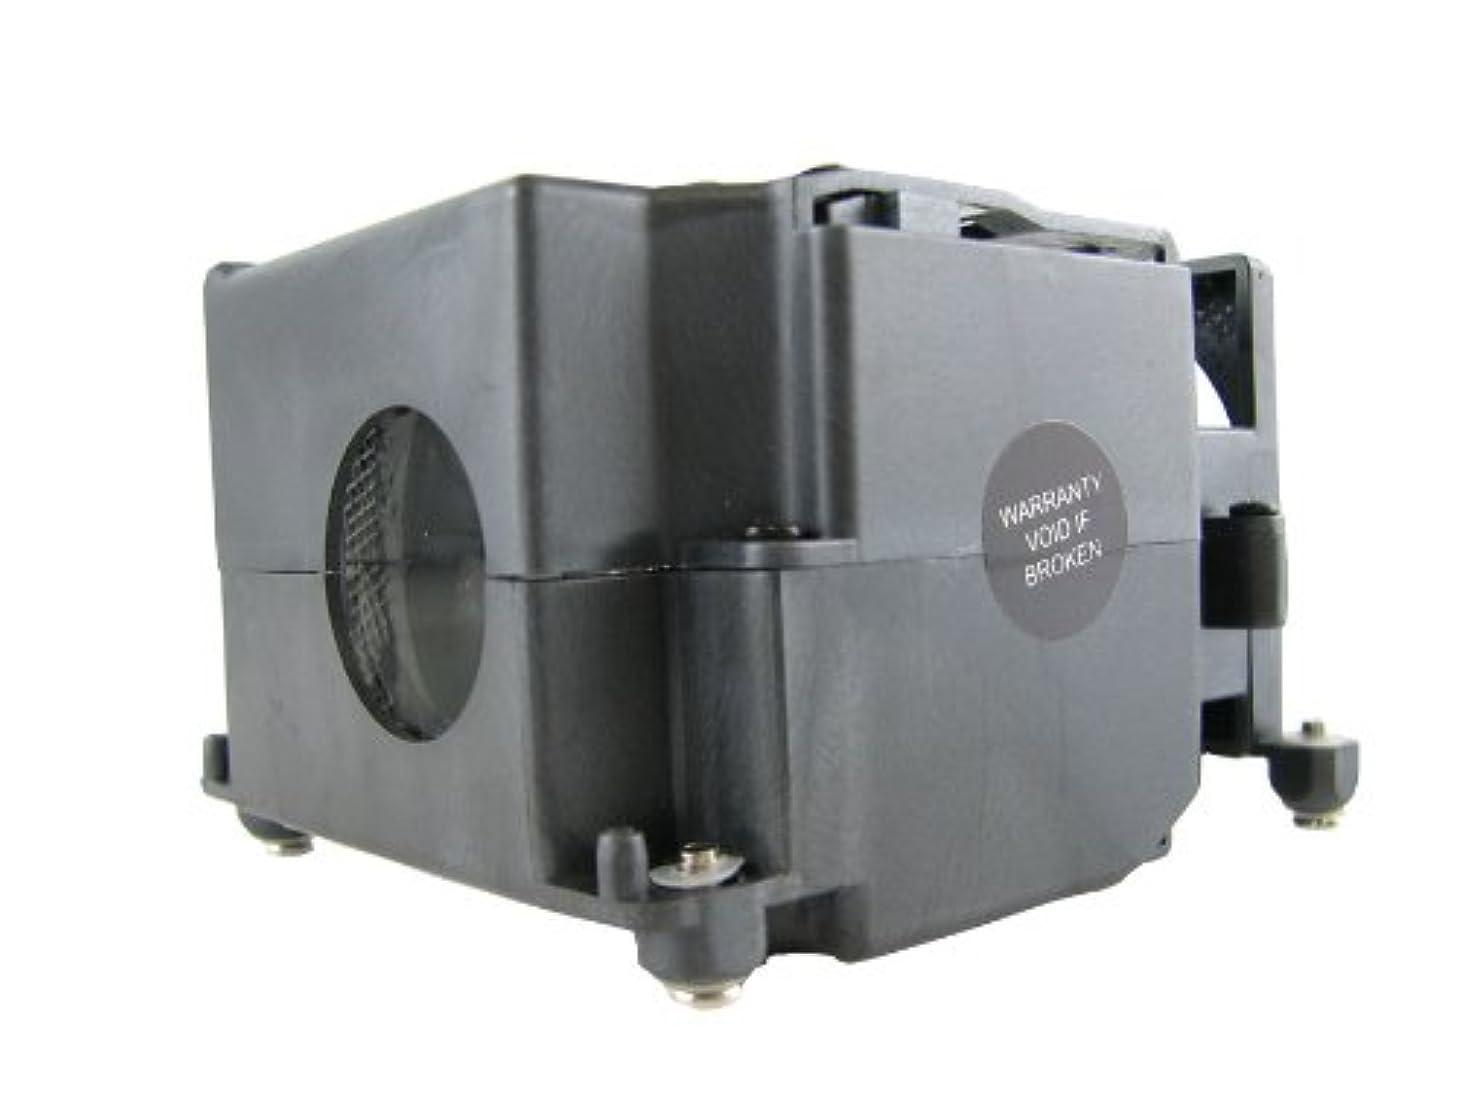 グリーンランド湾ジャンピングジャック高品質互換LT51LP 130ワット 1000時間UHPプロジェクター電球/ランプ ハウジング付き